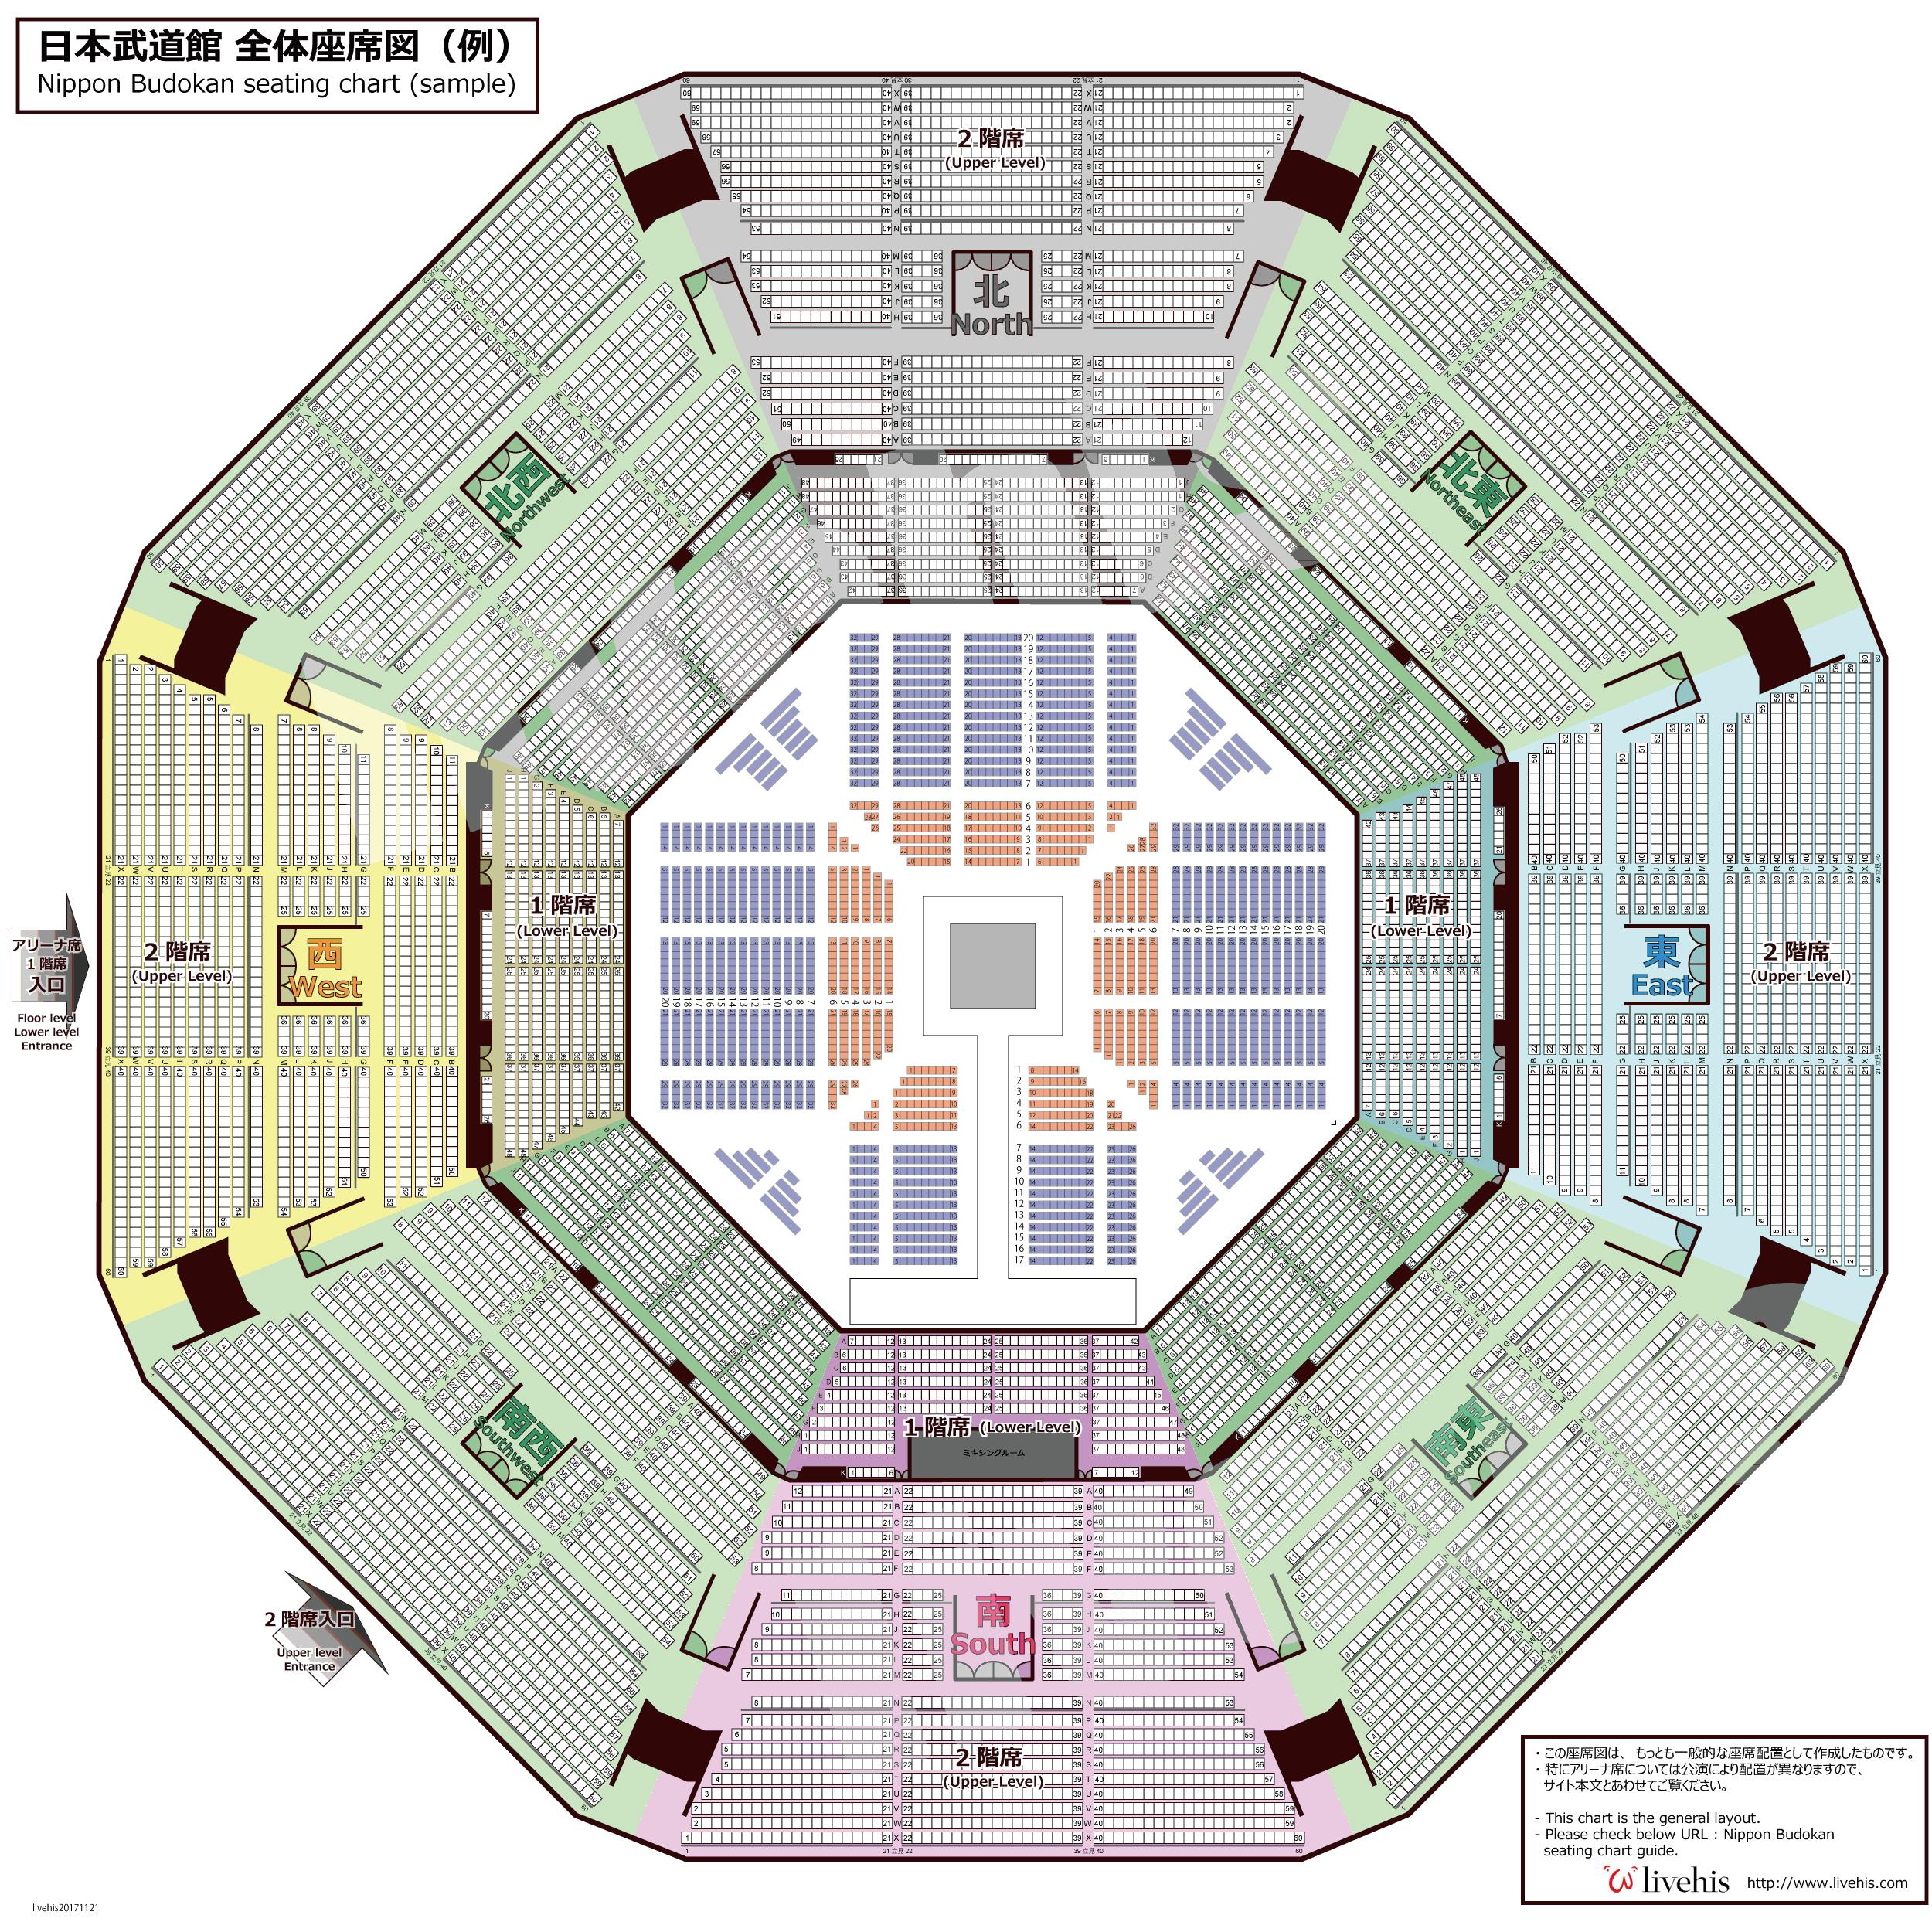 日本武道館、プロレス格闘技座席図